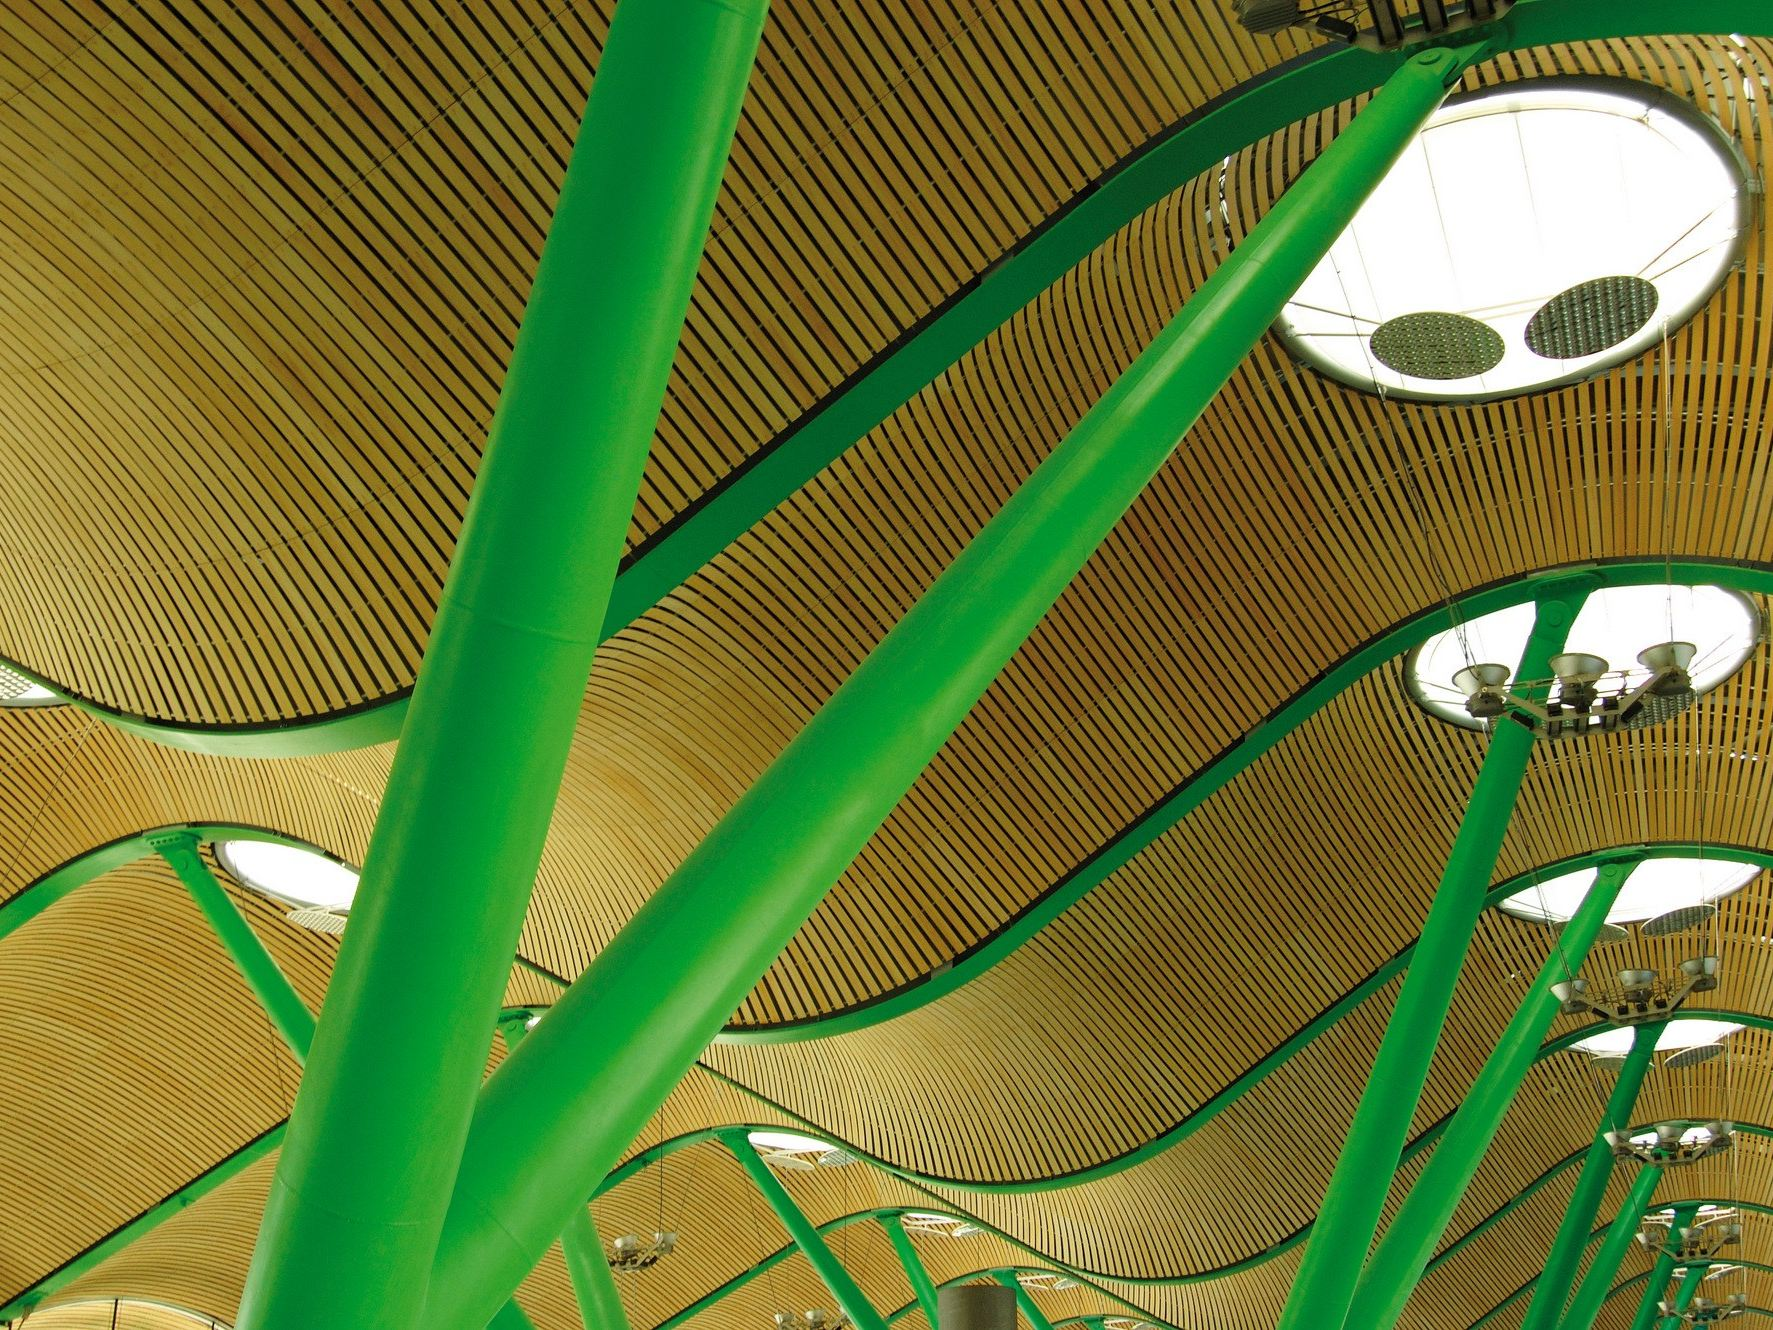 Controsoffitto by moso international for Moso bamboo prezzi